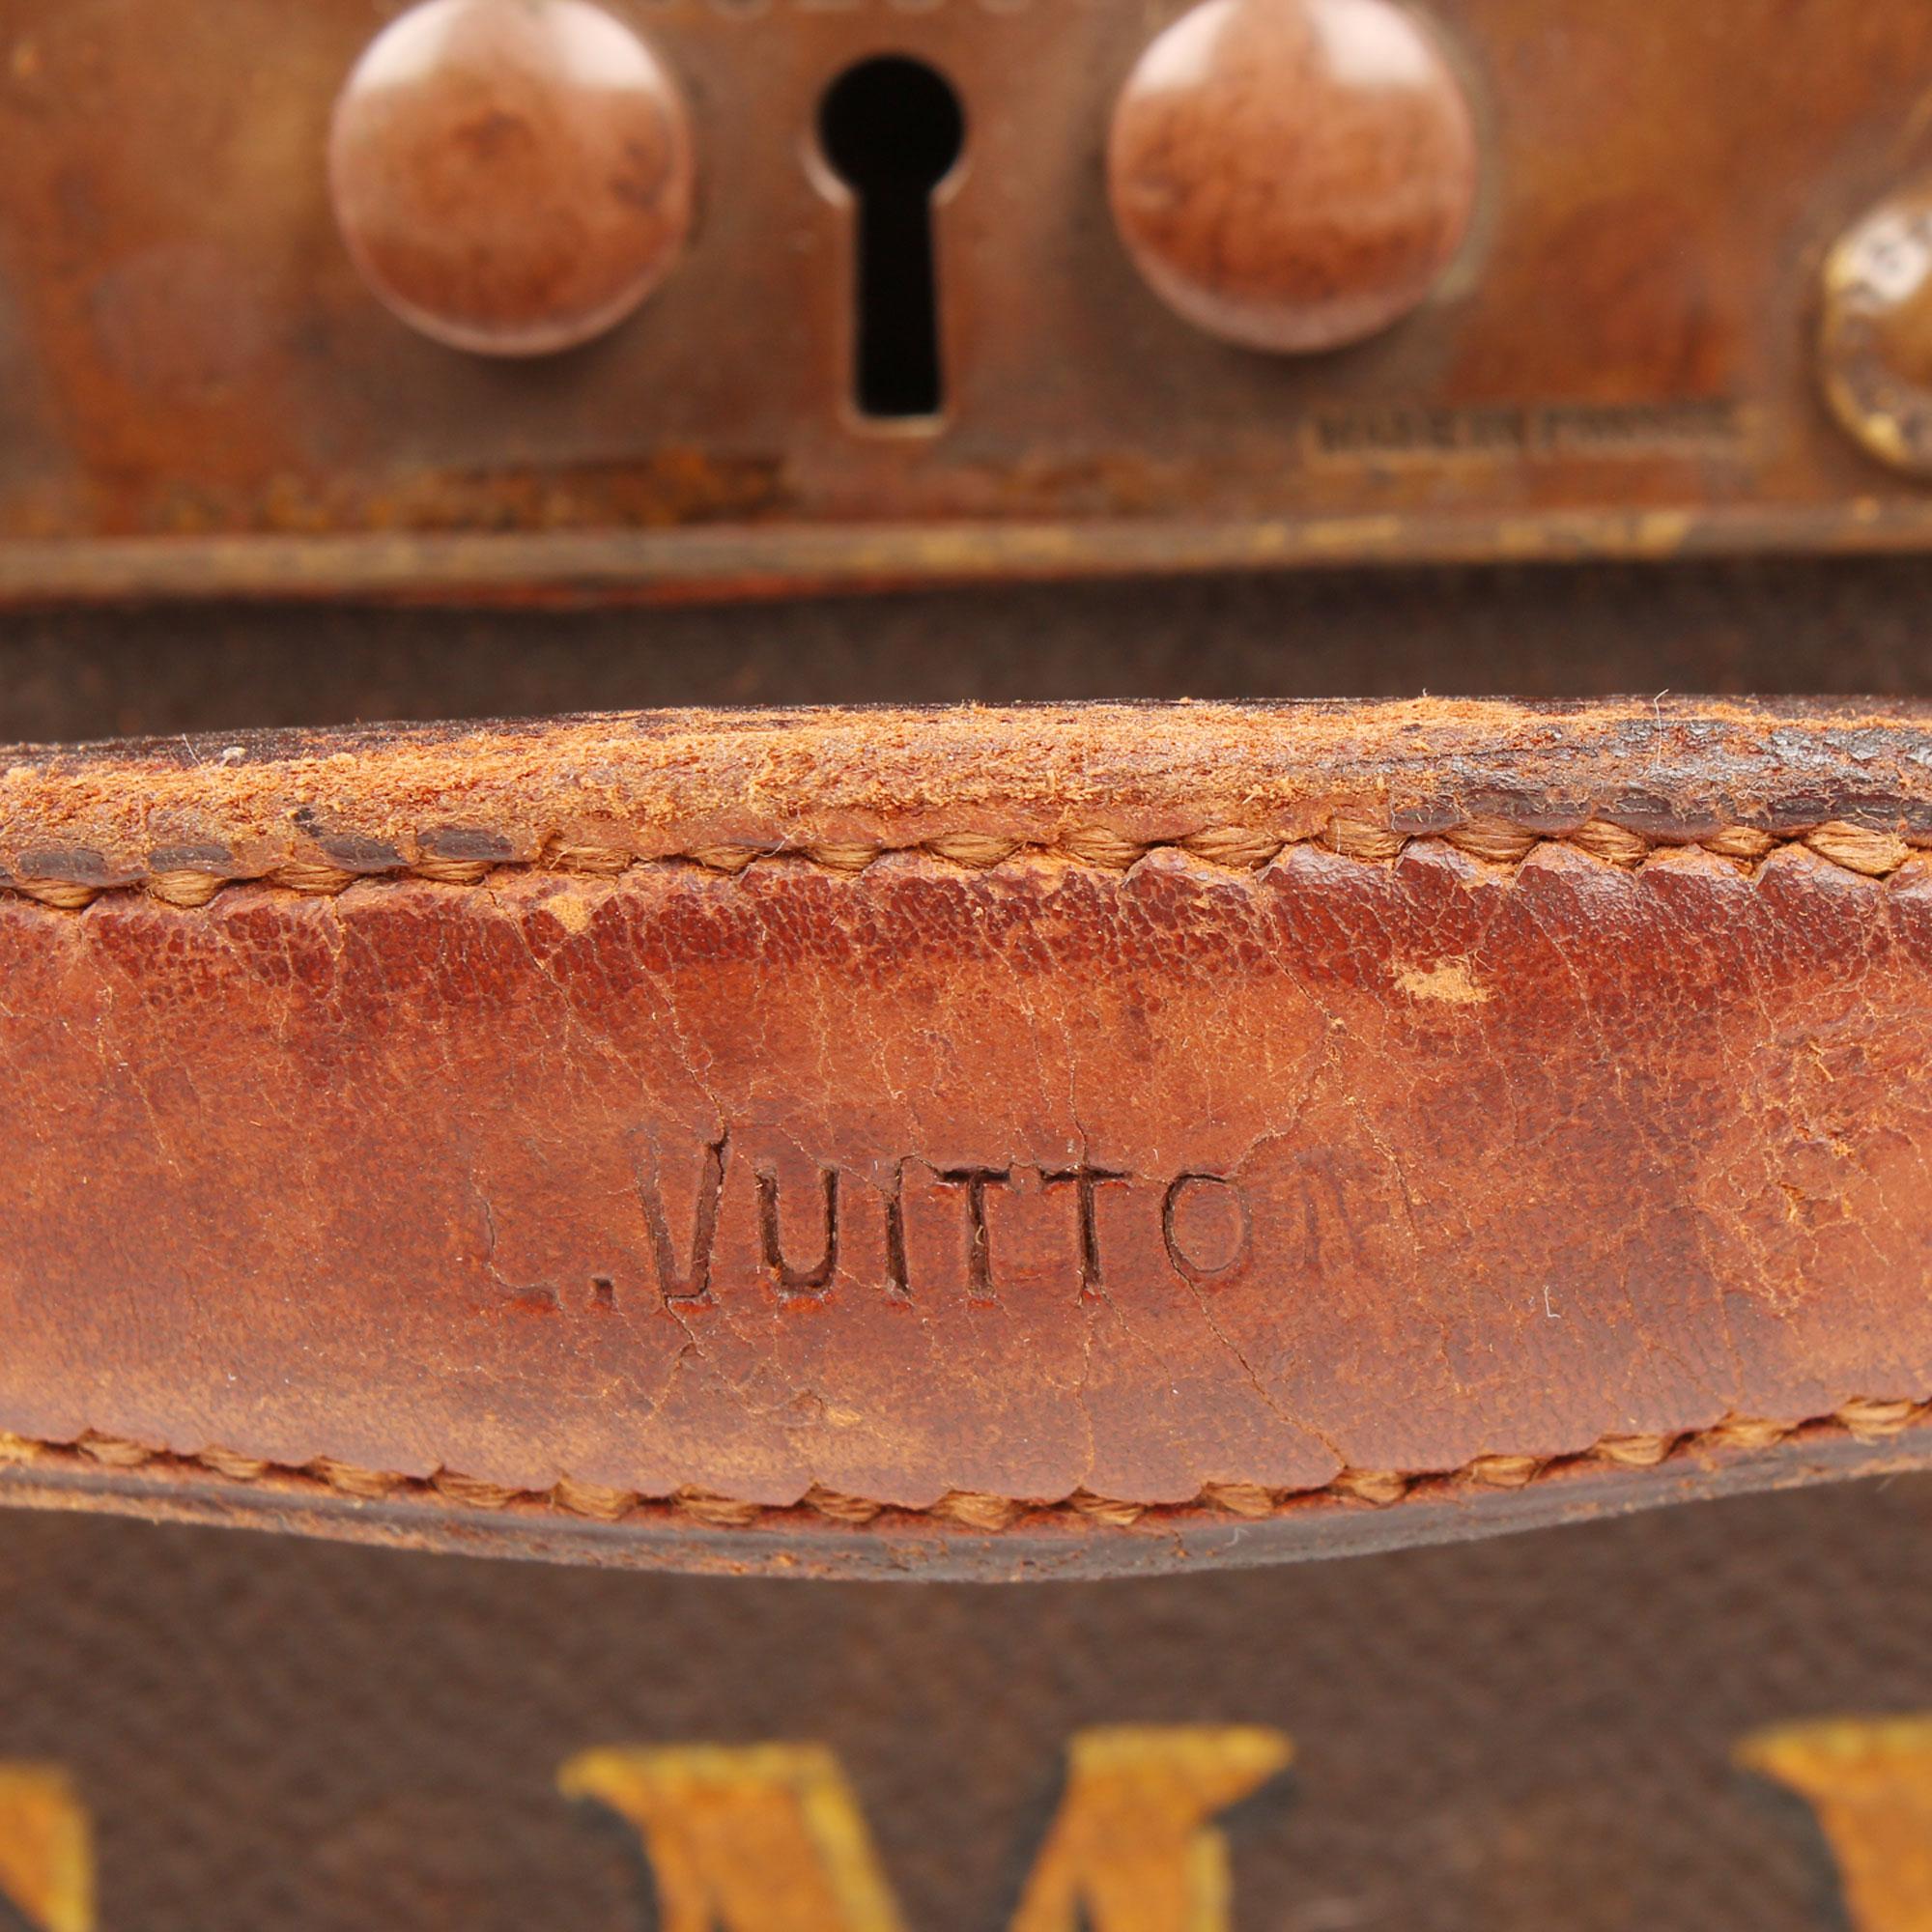 Imagen del herraje 2 de la sombrera louis vuitton vintage monogram cuadrada